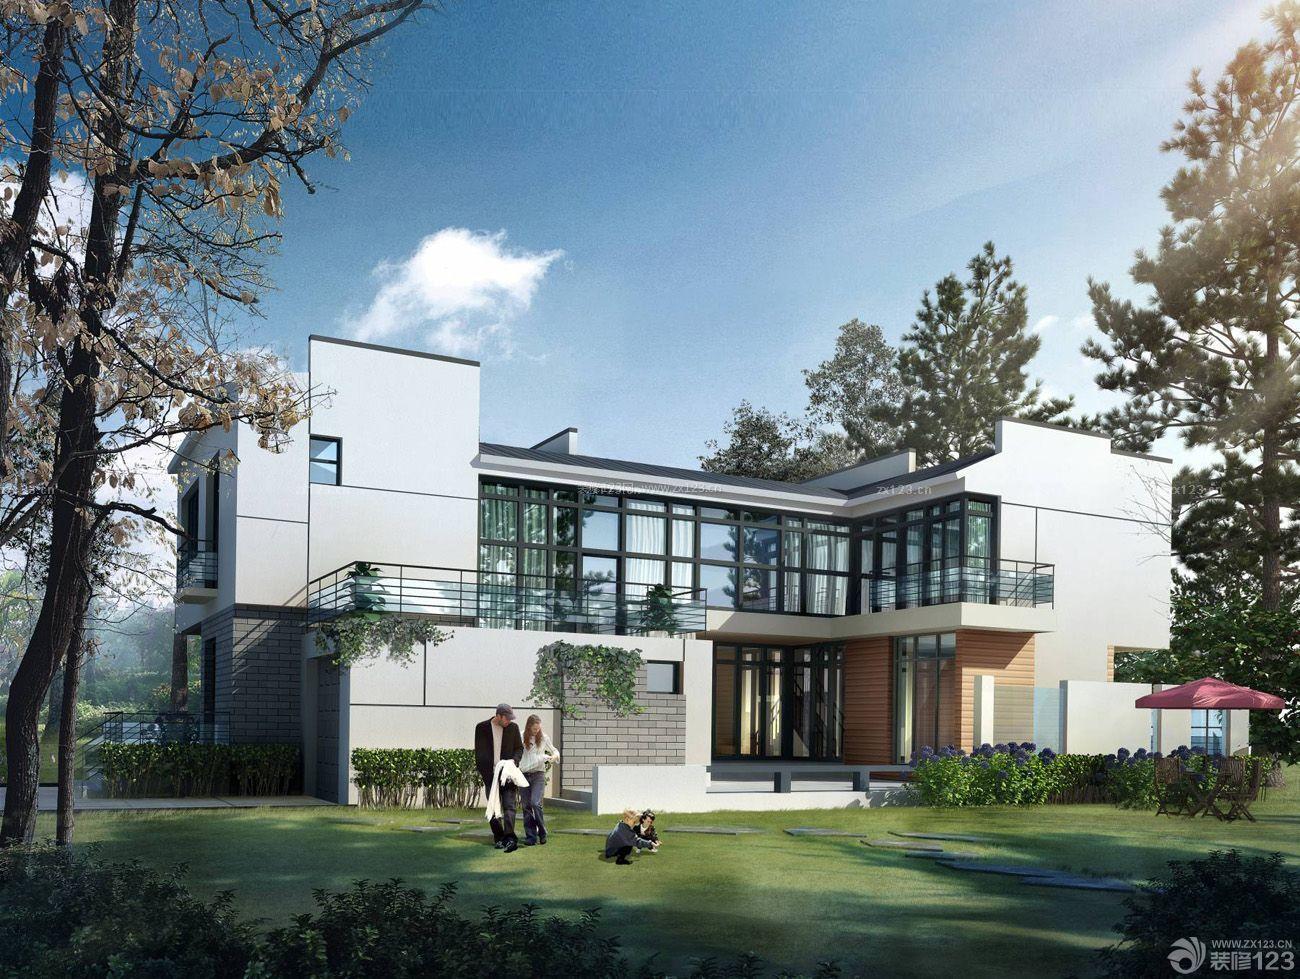 现代中式别墅绿化地设计图欣赏大全图片别墅a别墅